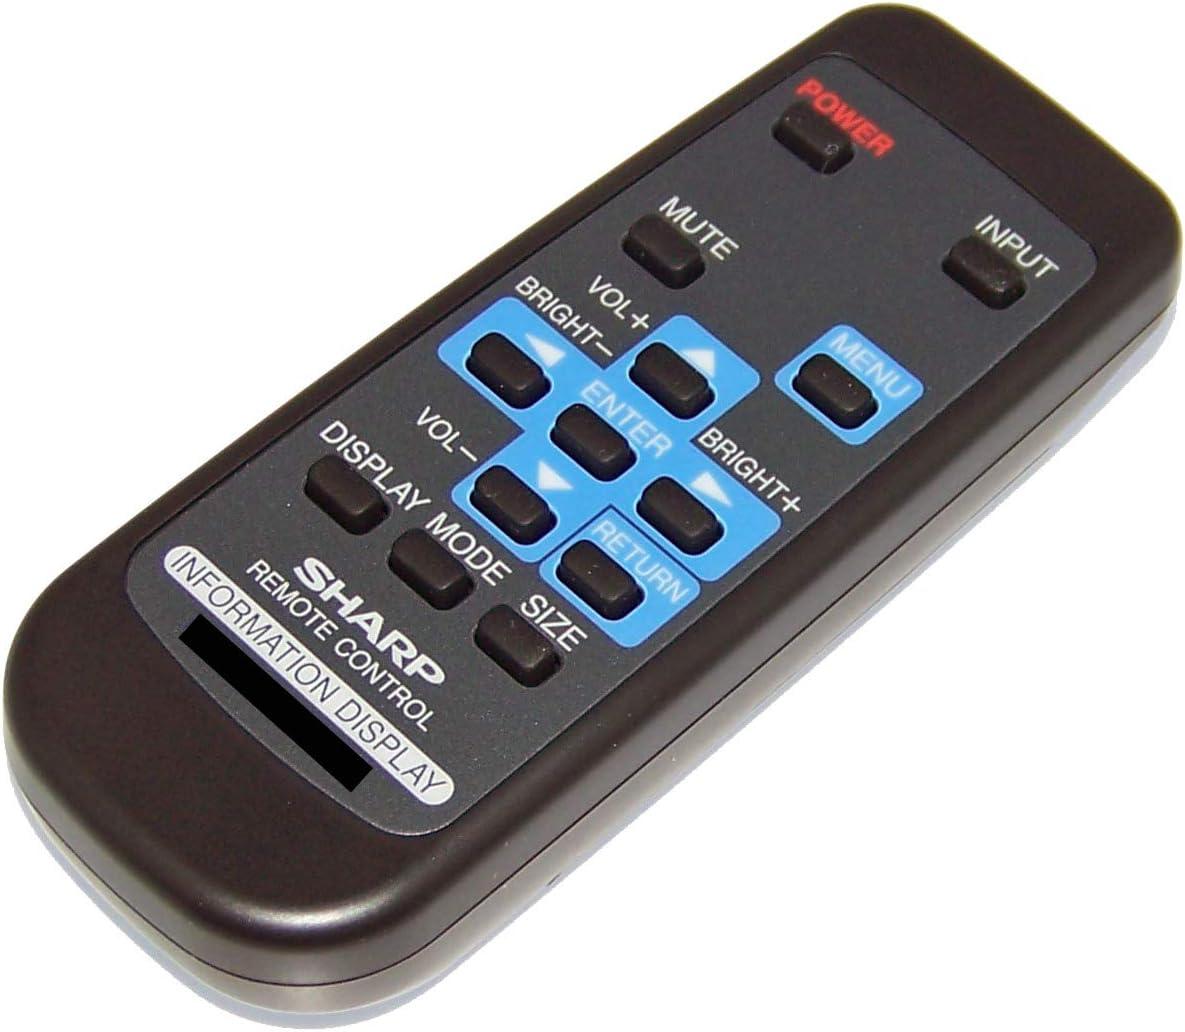 PN-H701 OEM Sharp Remote Control Originally Shipped with PNE603 PNE703 PN-E603 PNH701 PN-E703